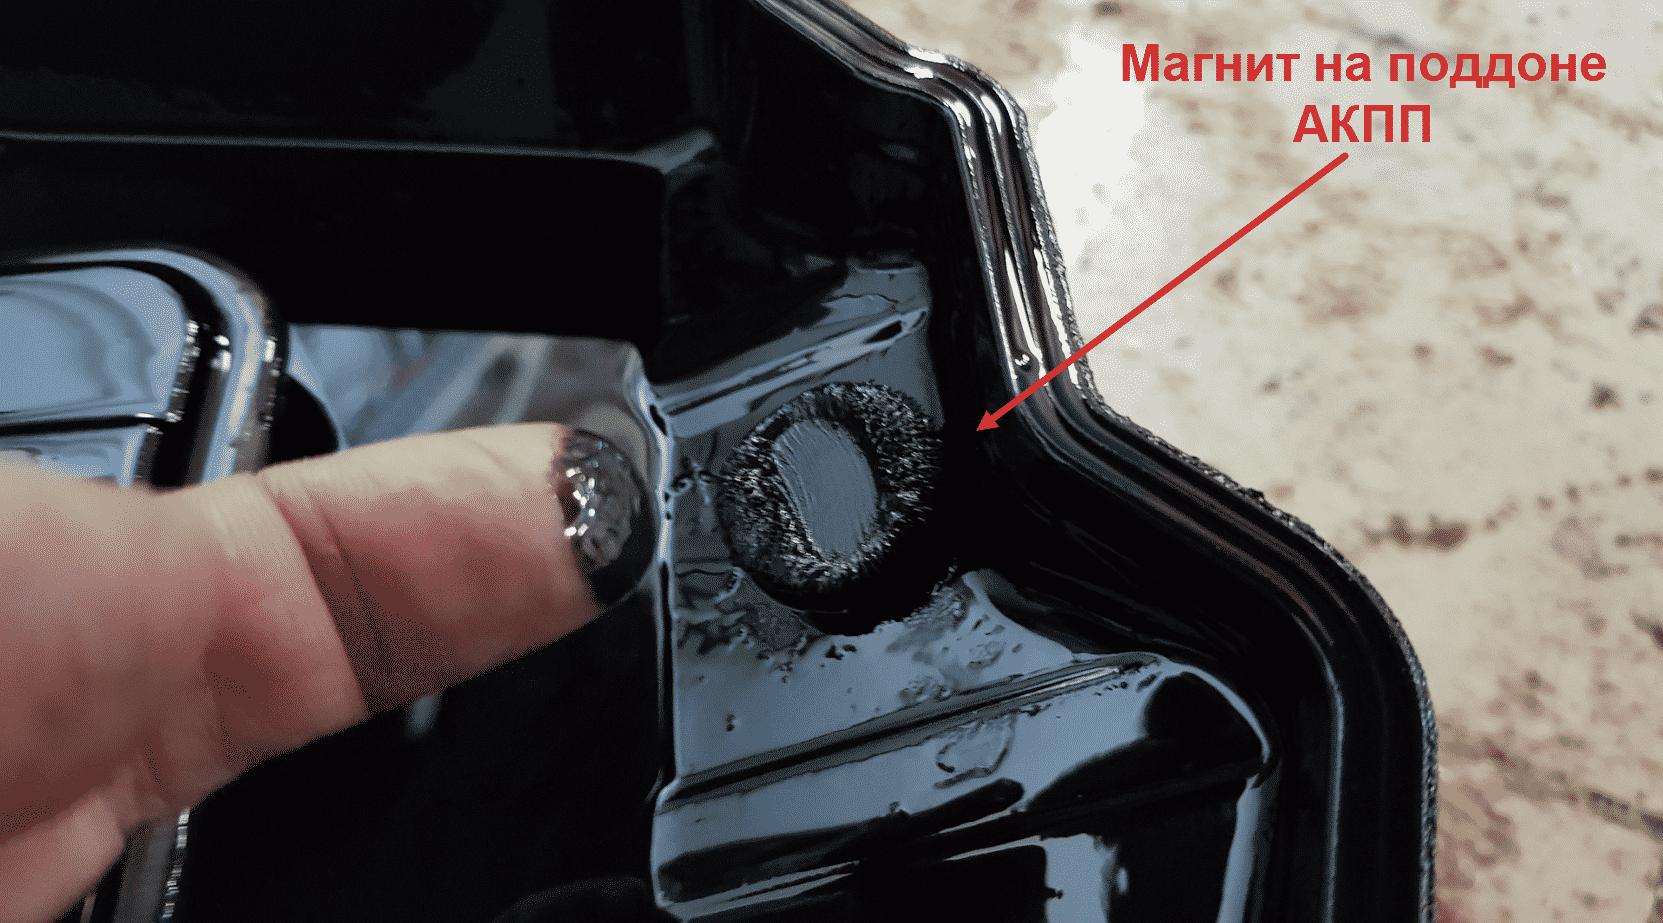 Особенности работы АКПП | Замена масла в АКПП своими руками: частичная, полная, аппаратная